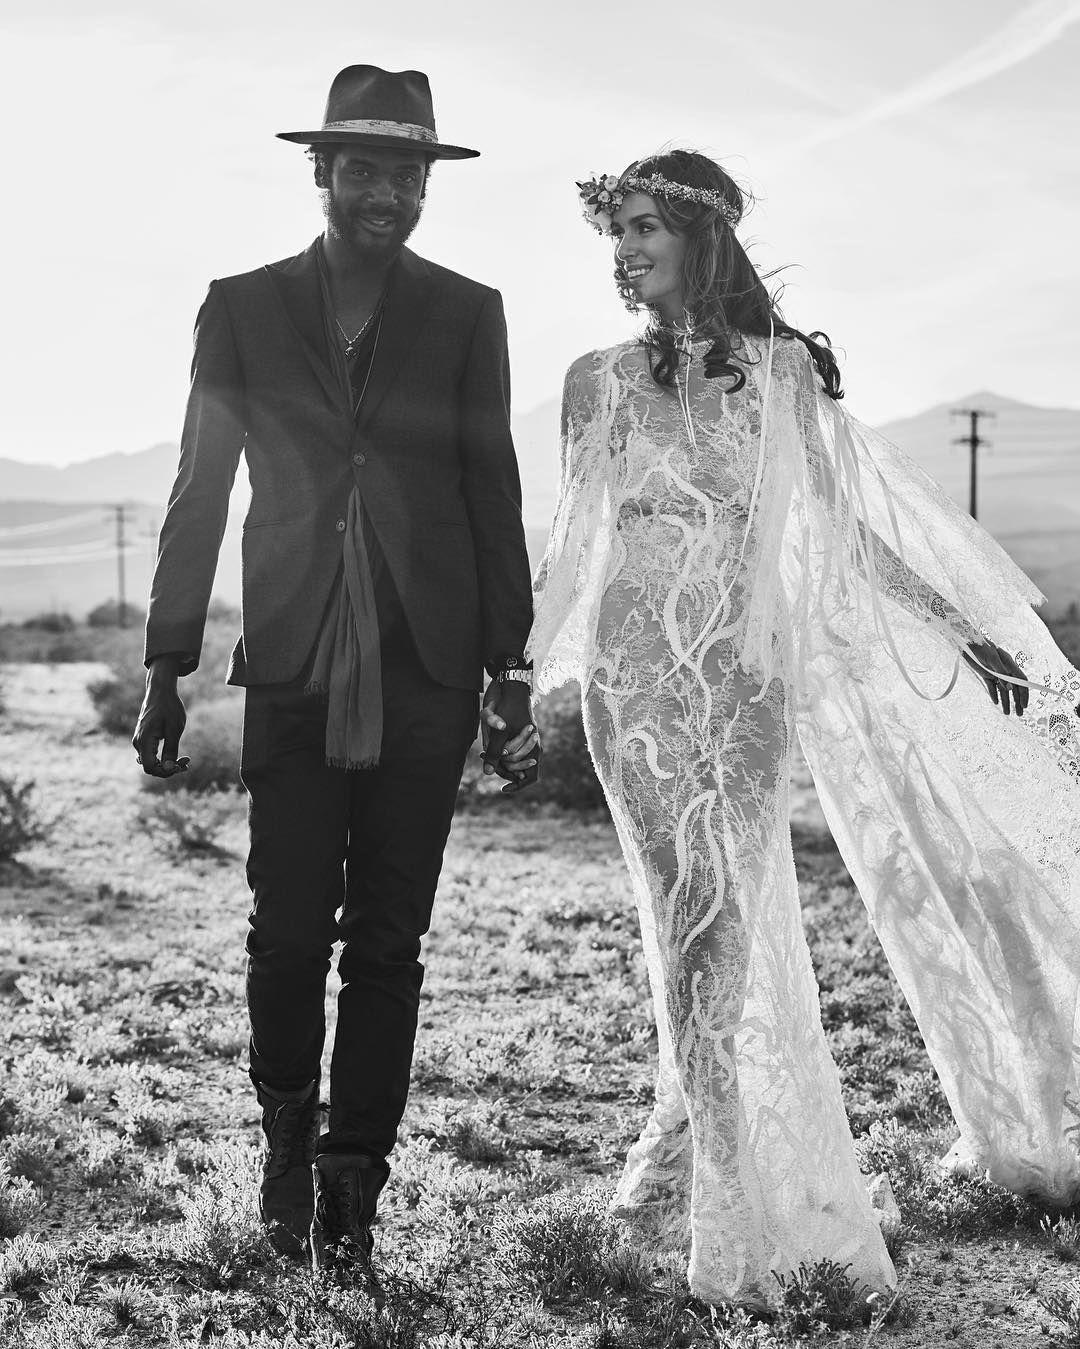 Wedding decorations queenstown october 2018  likerklikk  kommentarer u YolanCris yolancris på Instagram